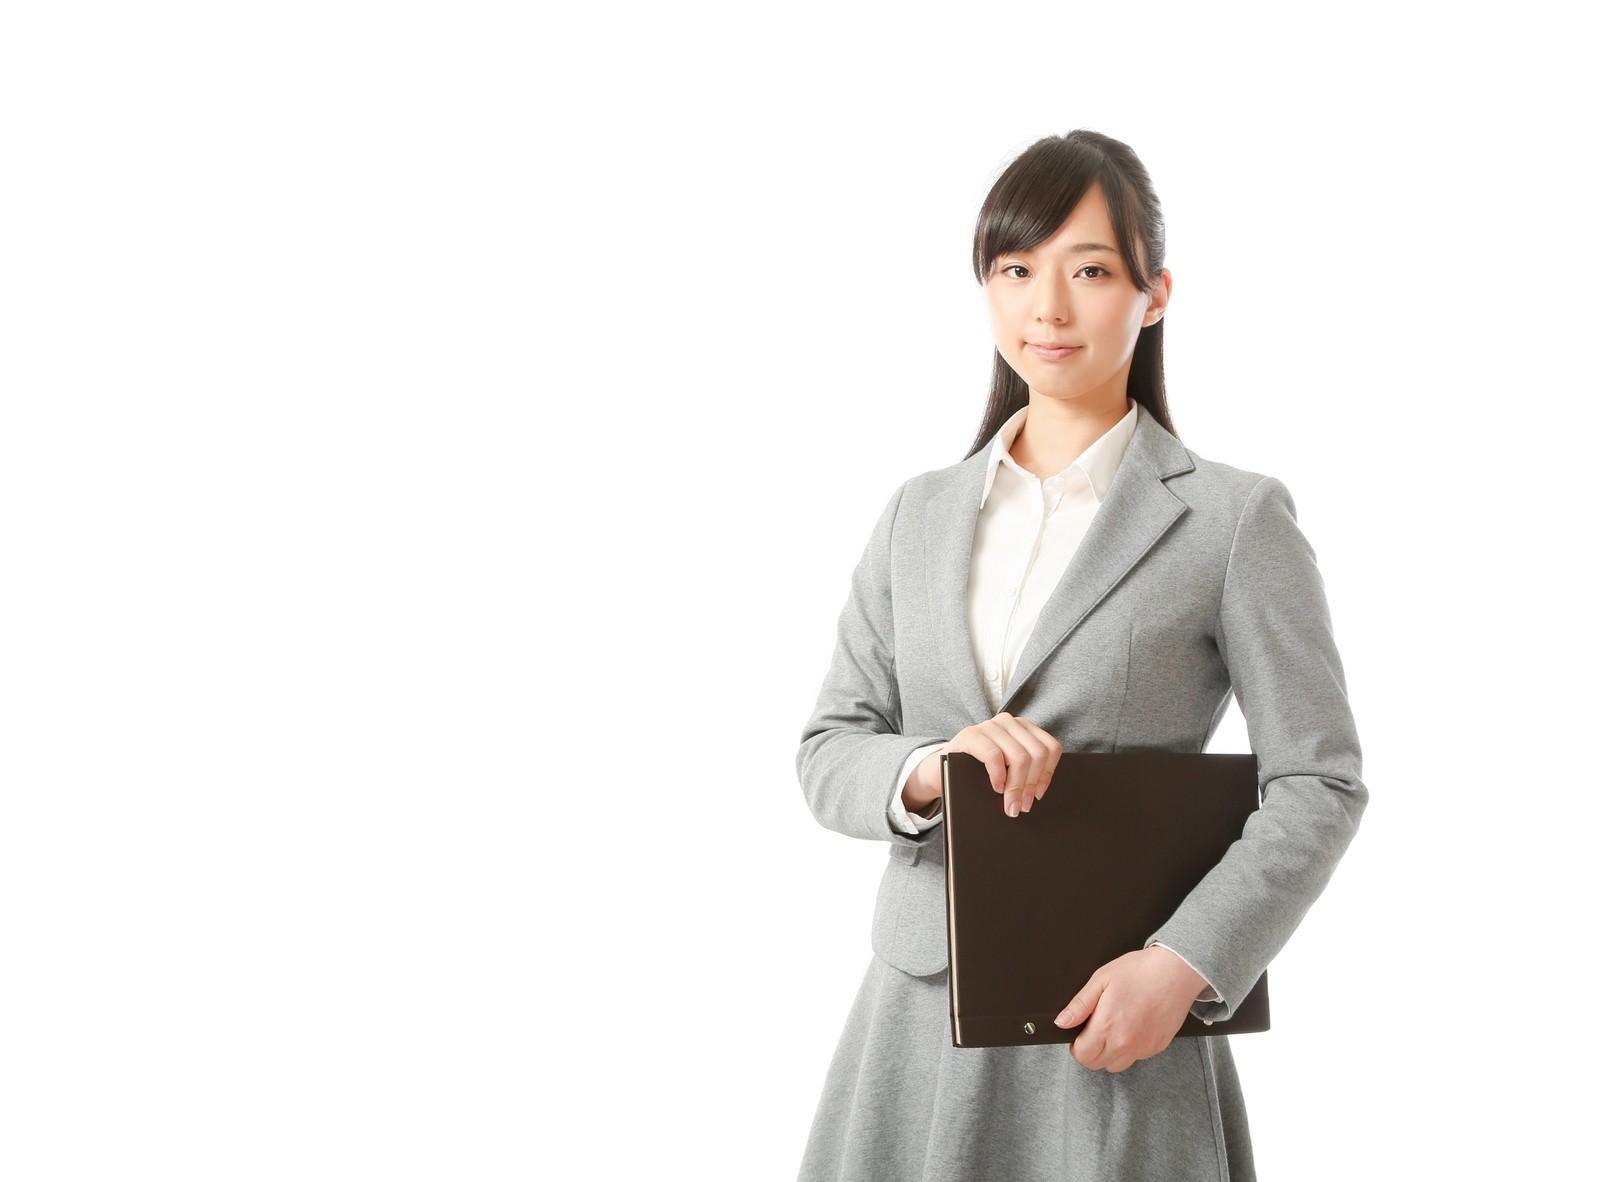 秘書になって思う事【前編】